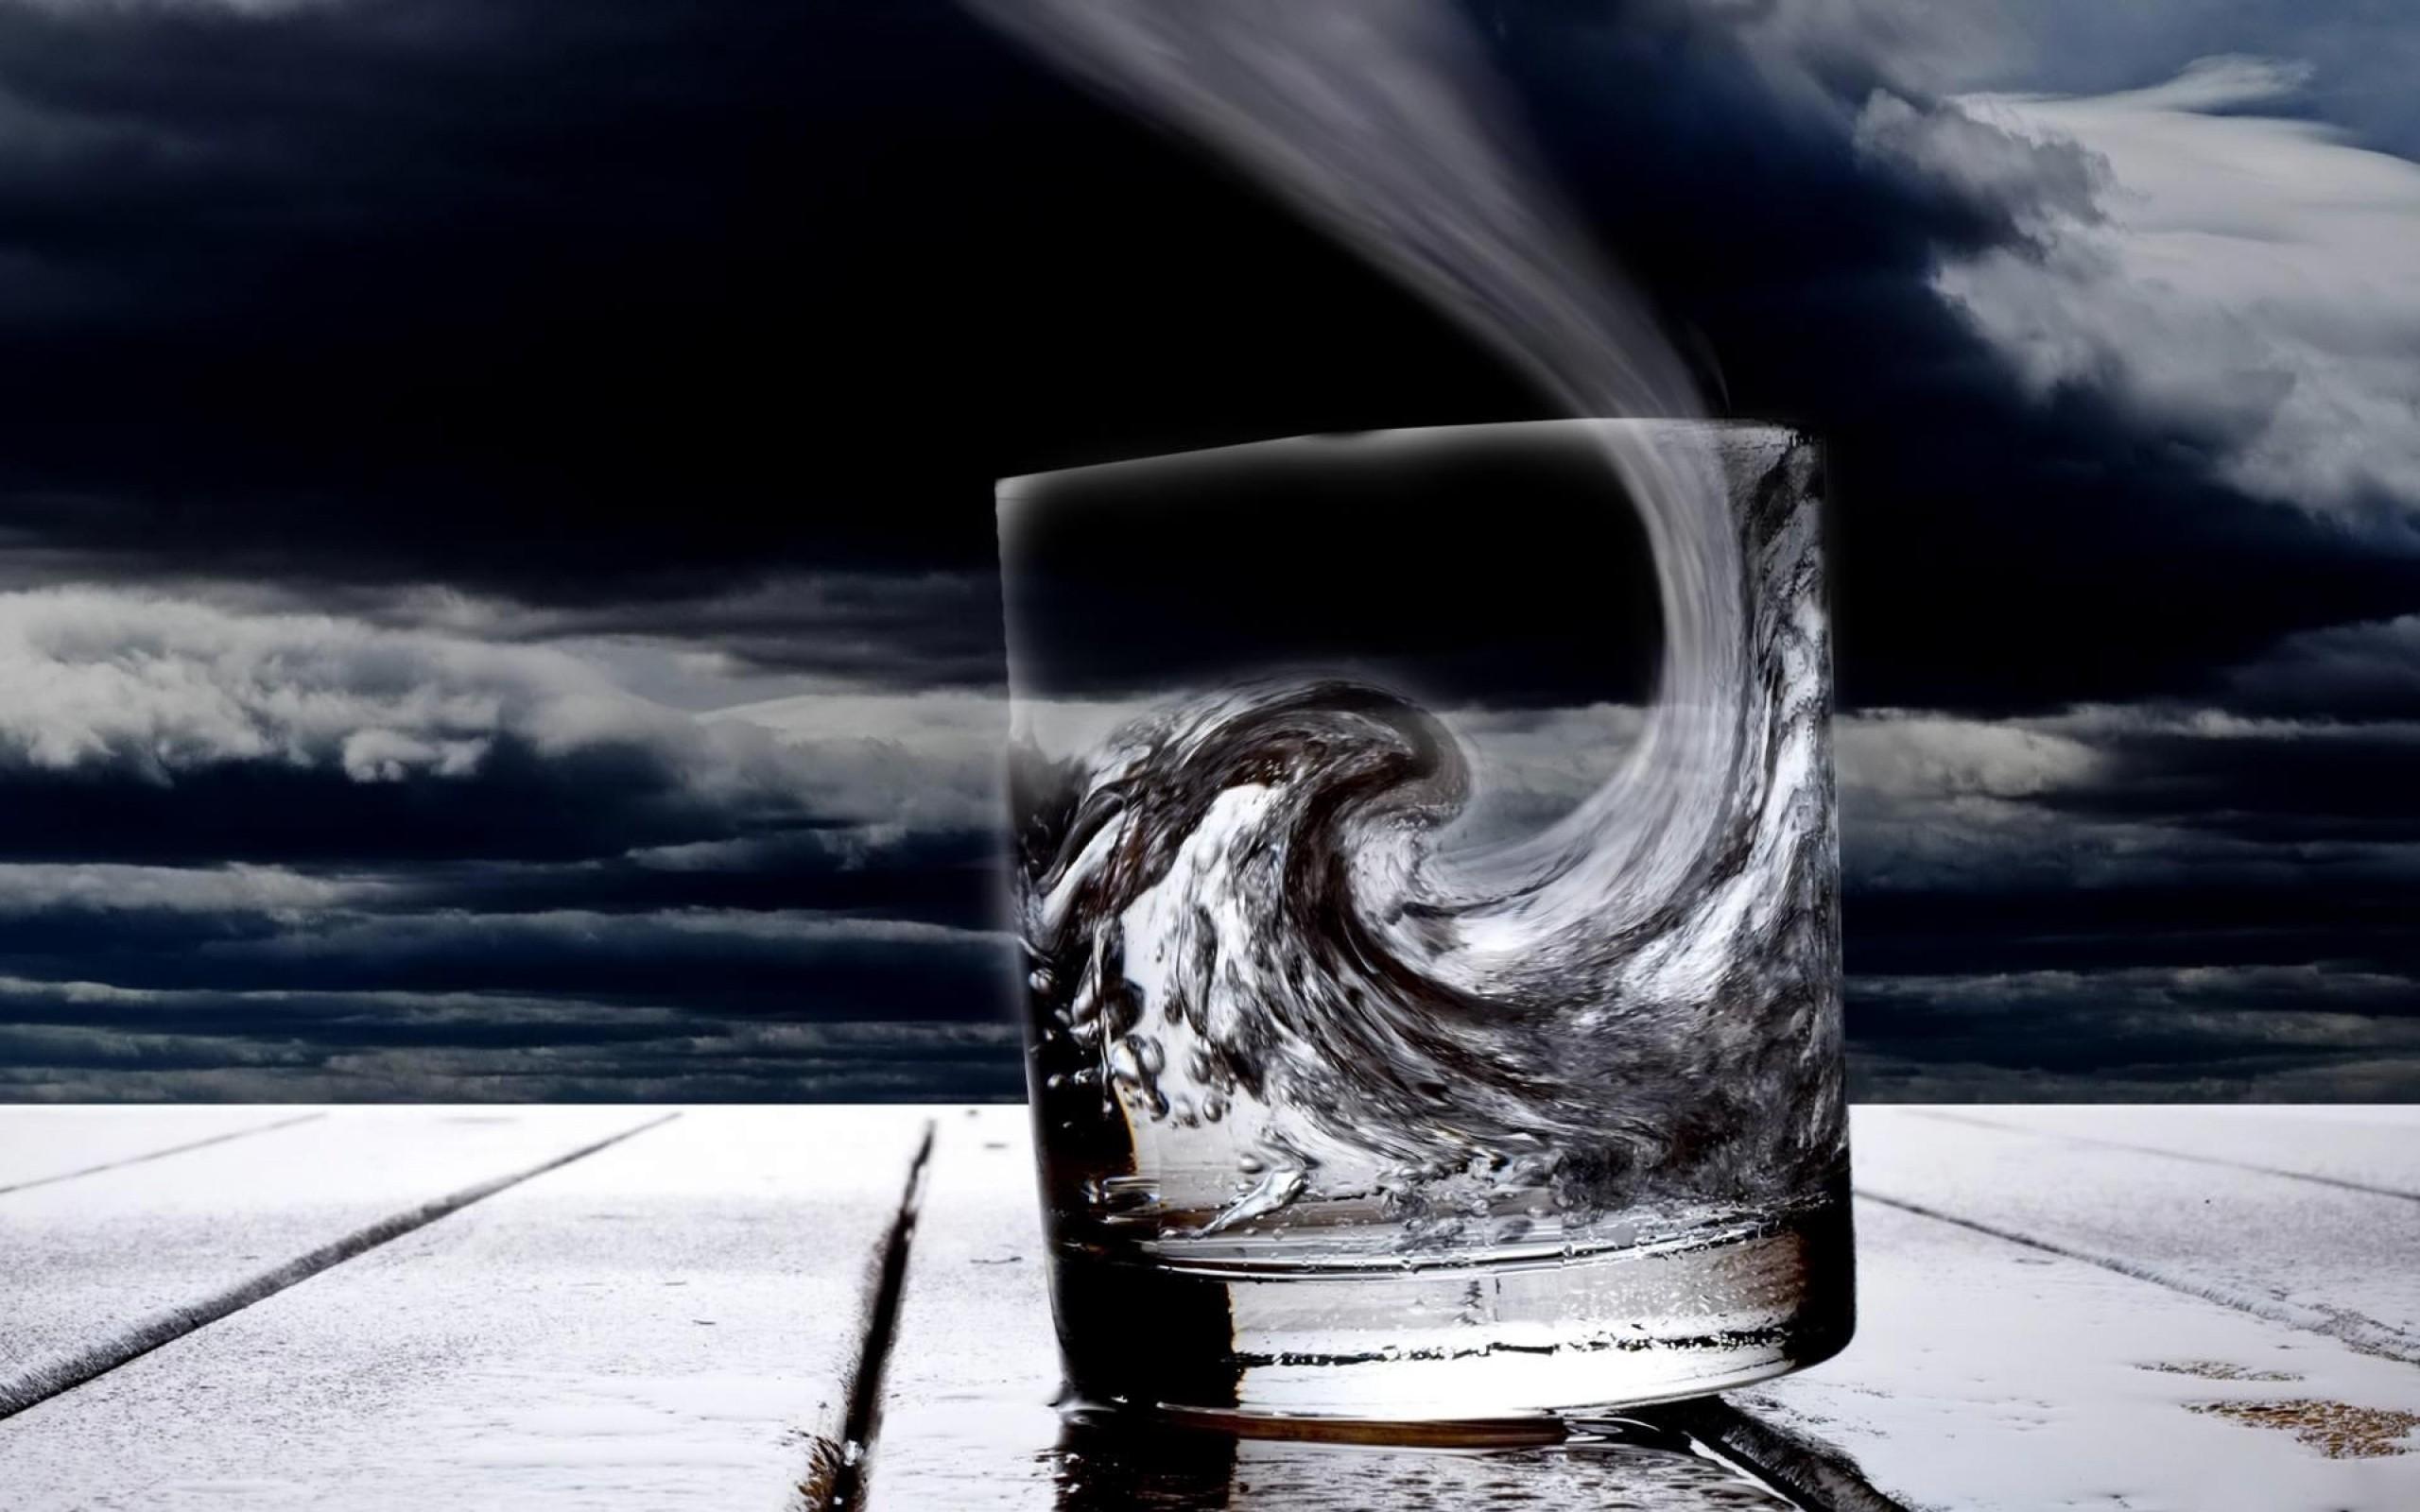 Risultati immagini per storm glass water